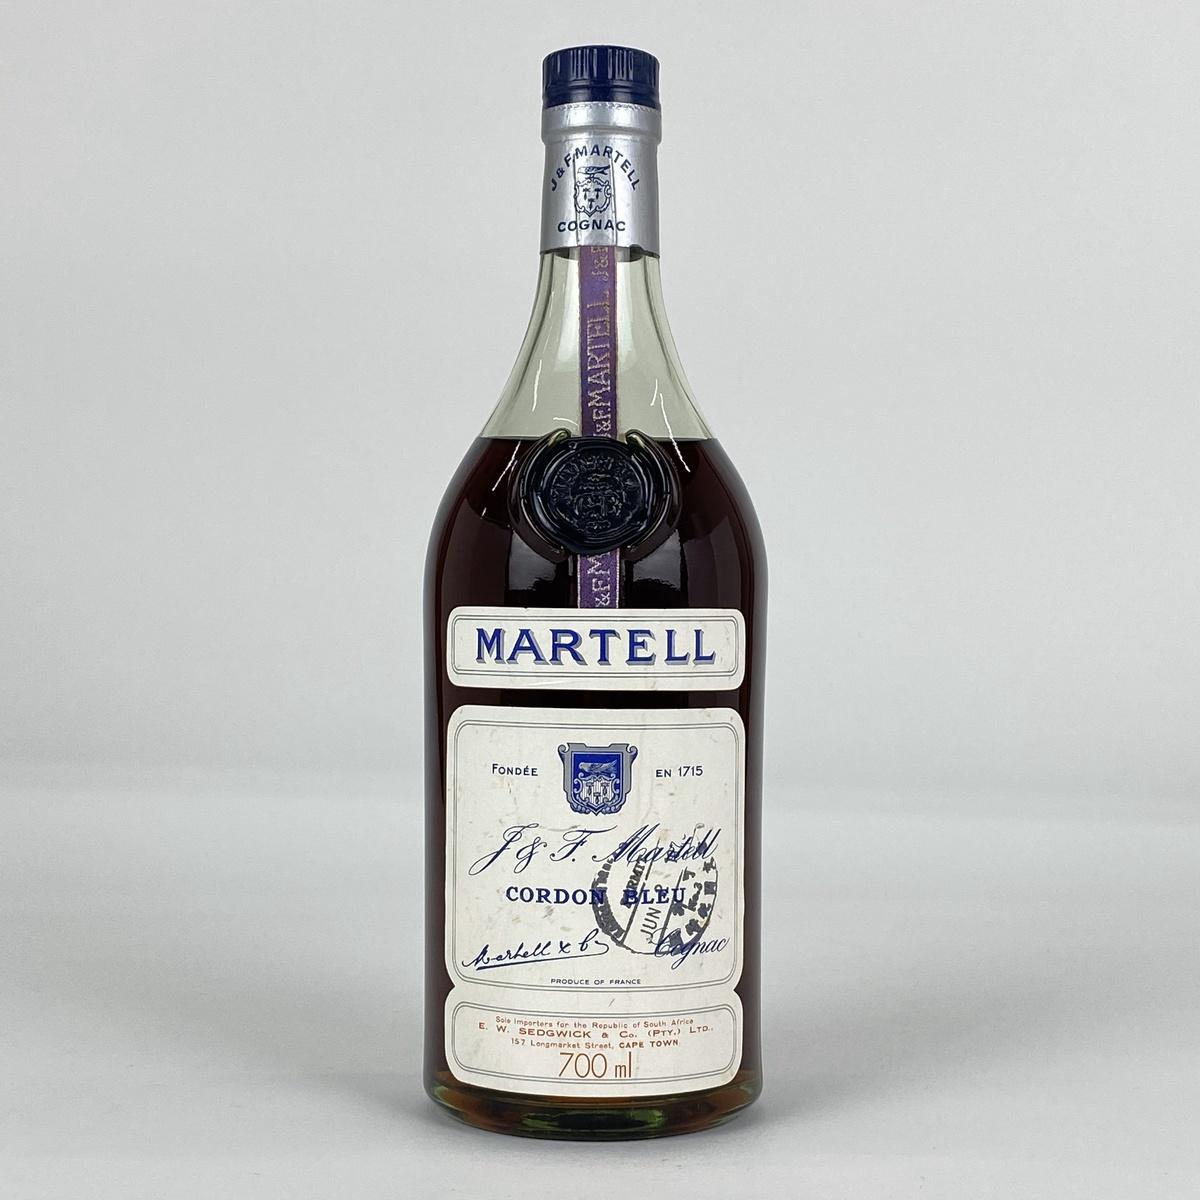 マーテル MARTELL コルドンブルー 白ラベル グリーンボトル 700ml ブランデー コニャック 【古酒】